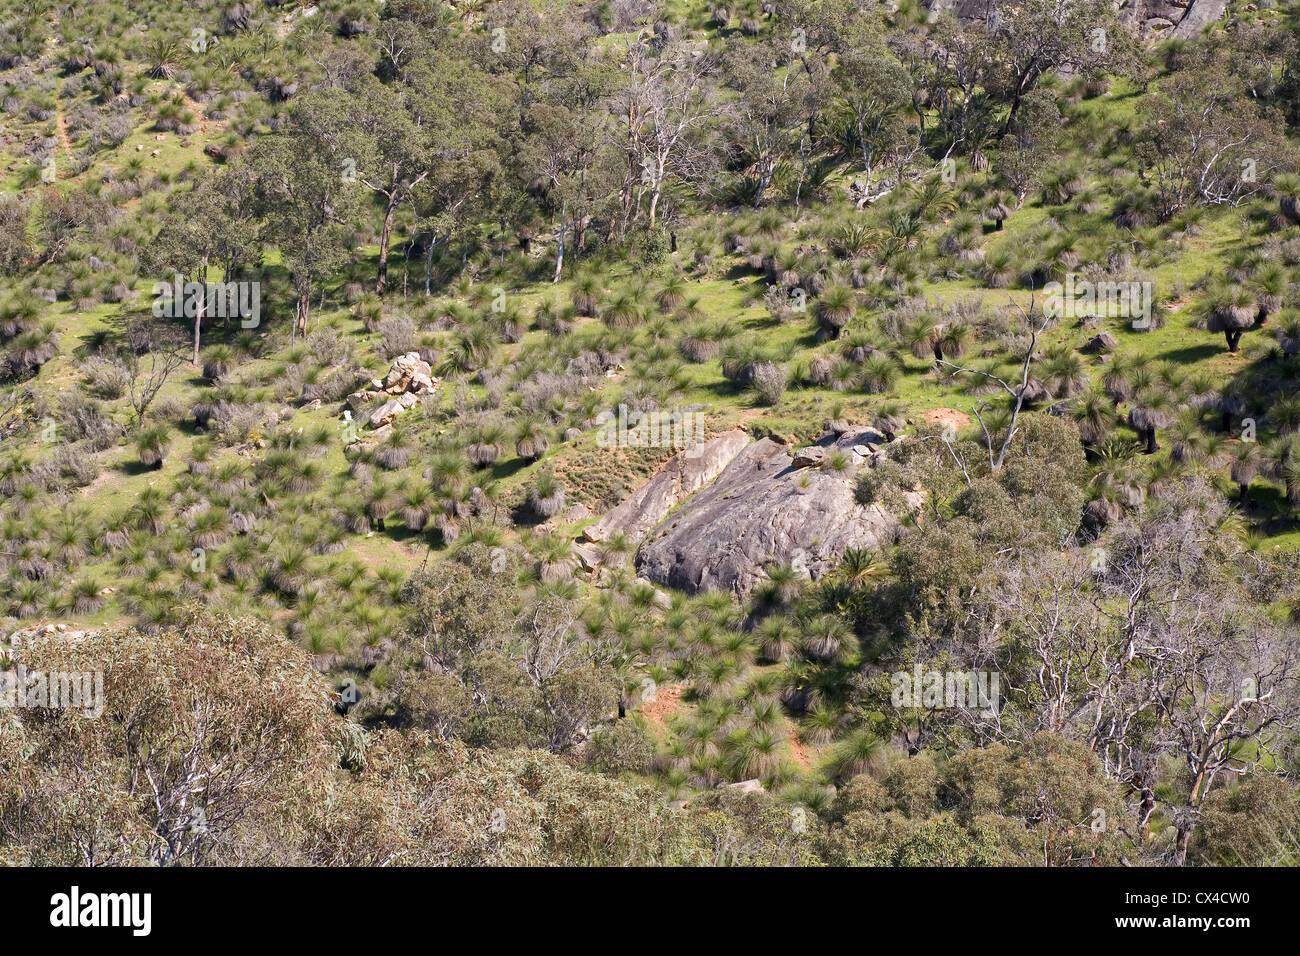 A rocky hillside in the Australian bush. - Stock Image